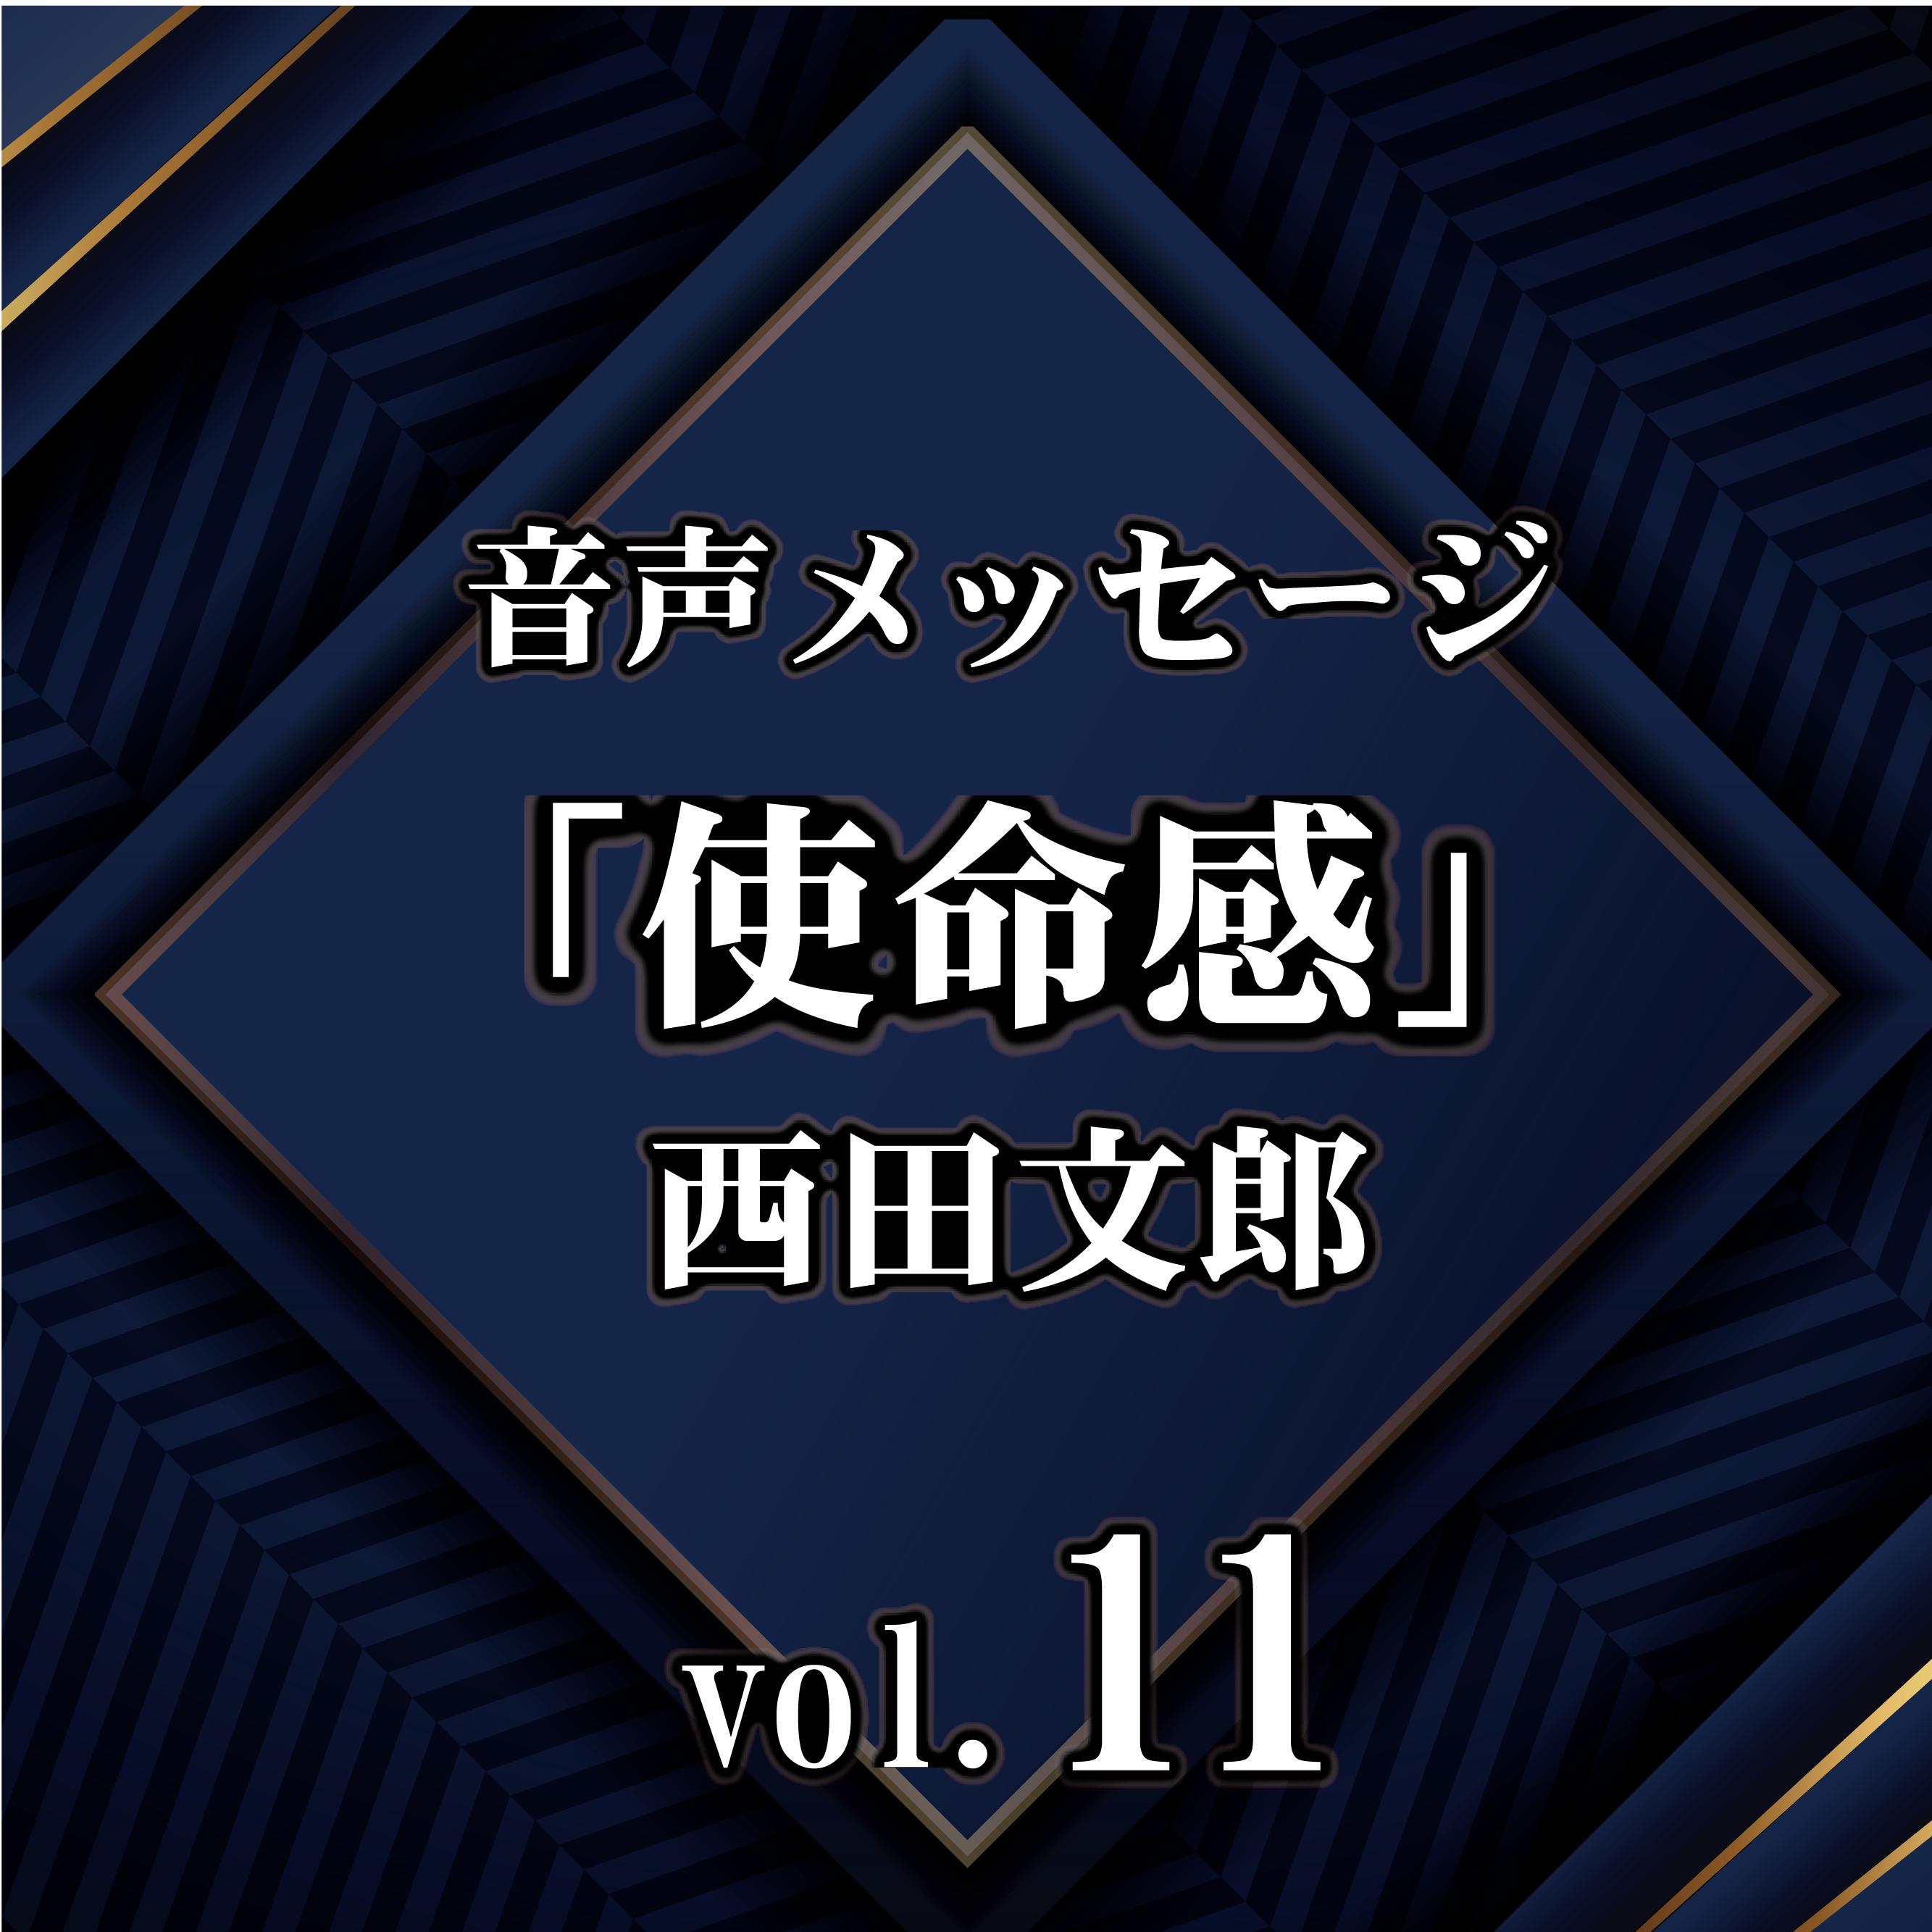 西田文郎 音声メッセージvol.11『使命感』